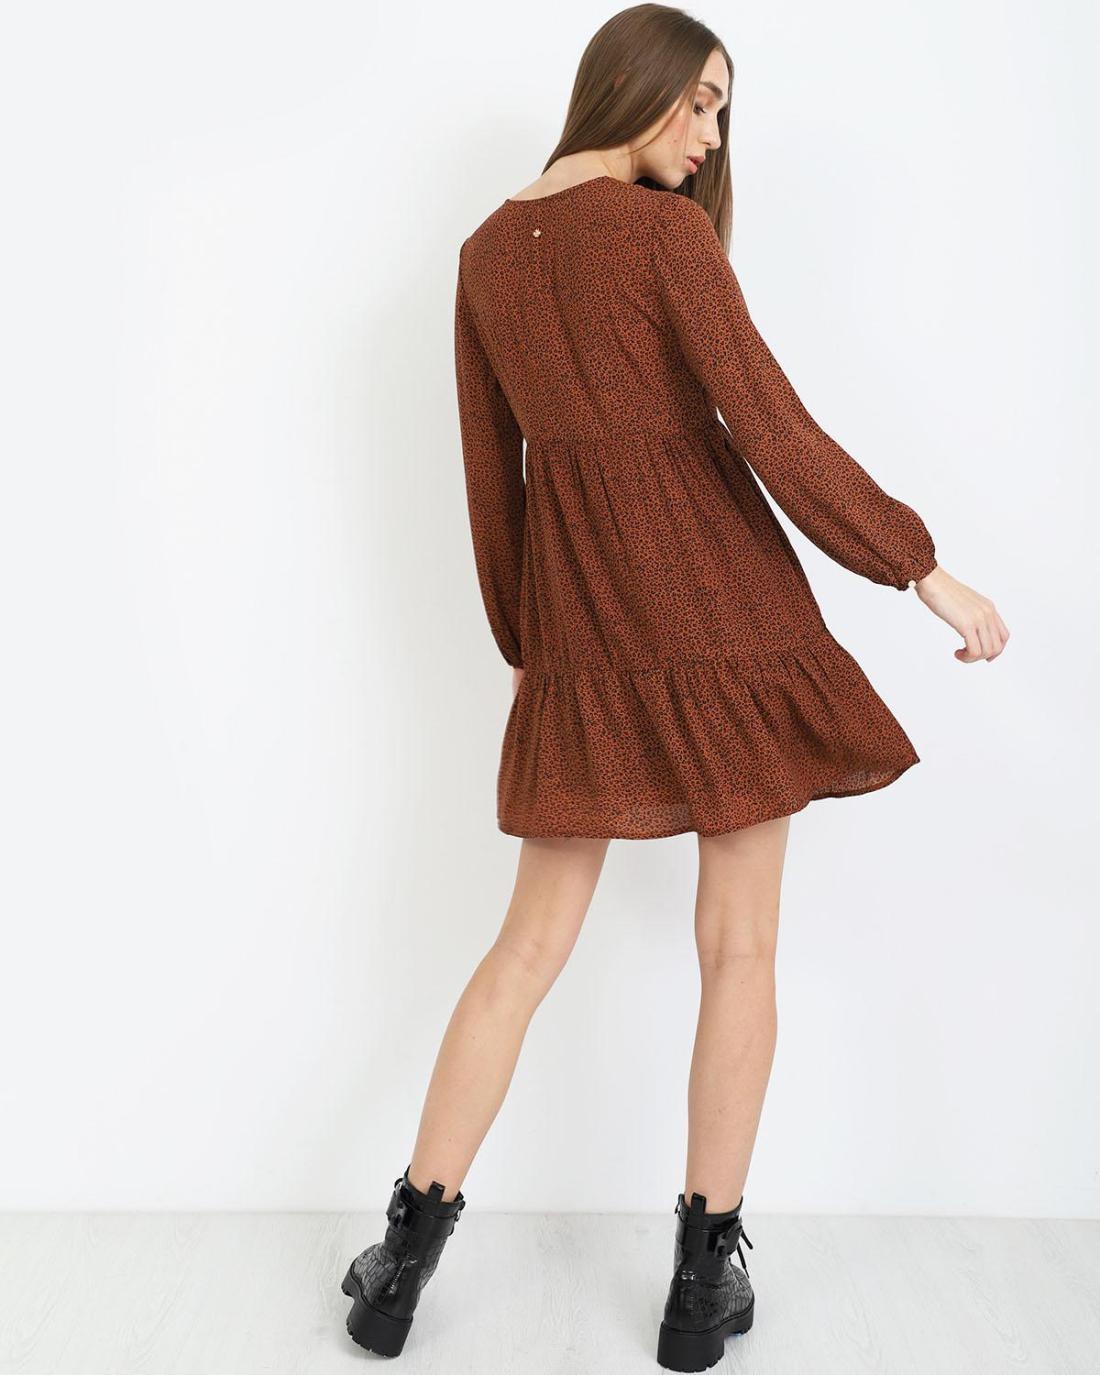 Μίνι φόρεμα animal print